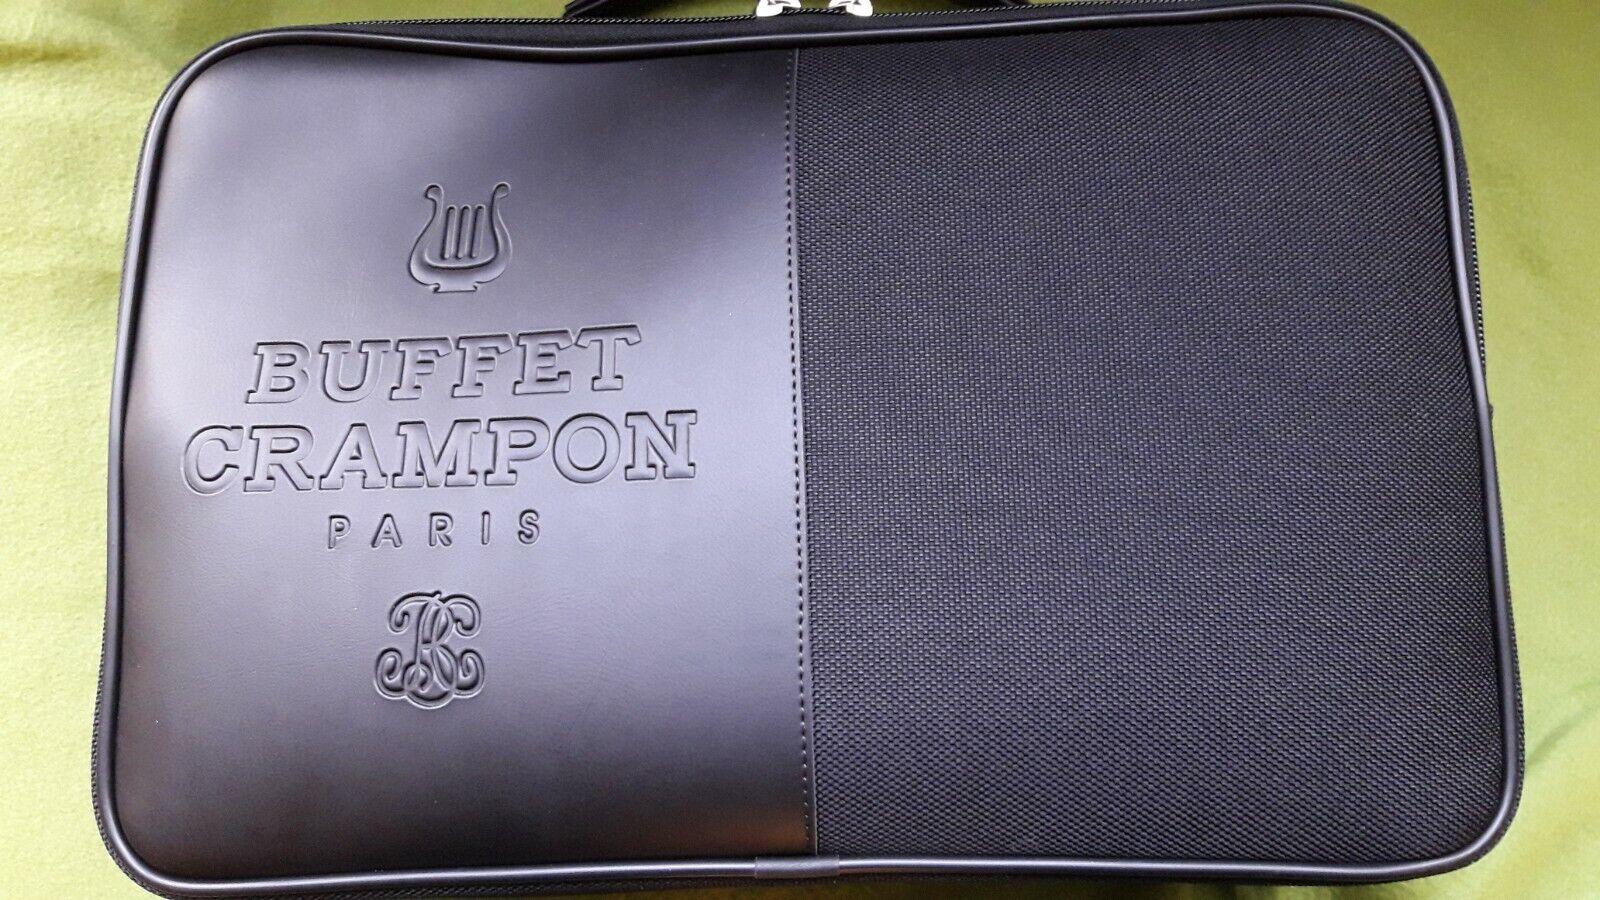 Buffet Crampon Paris Gig Bag  Koffer neu  Musikhaus Bumerang